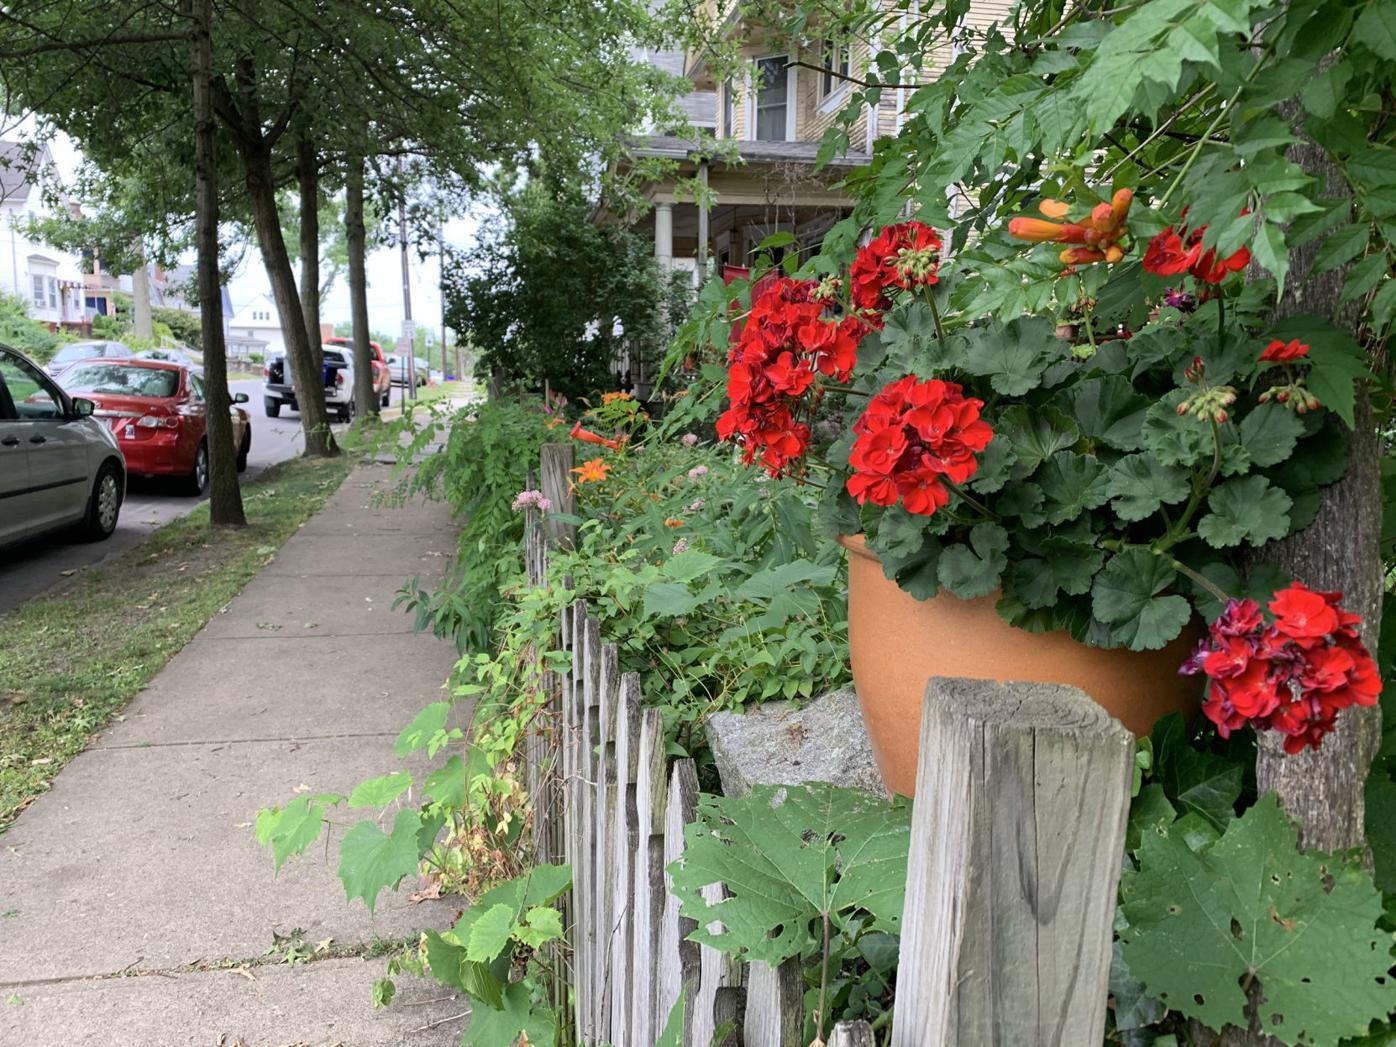 Beautiful Blocks program boosts Scranton neighborhoods